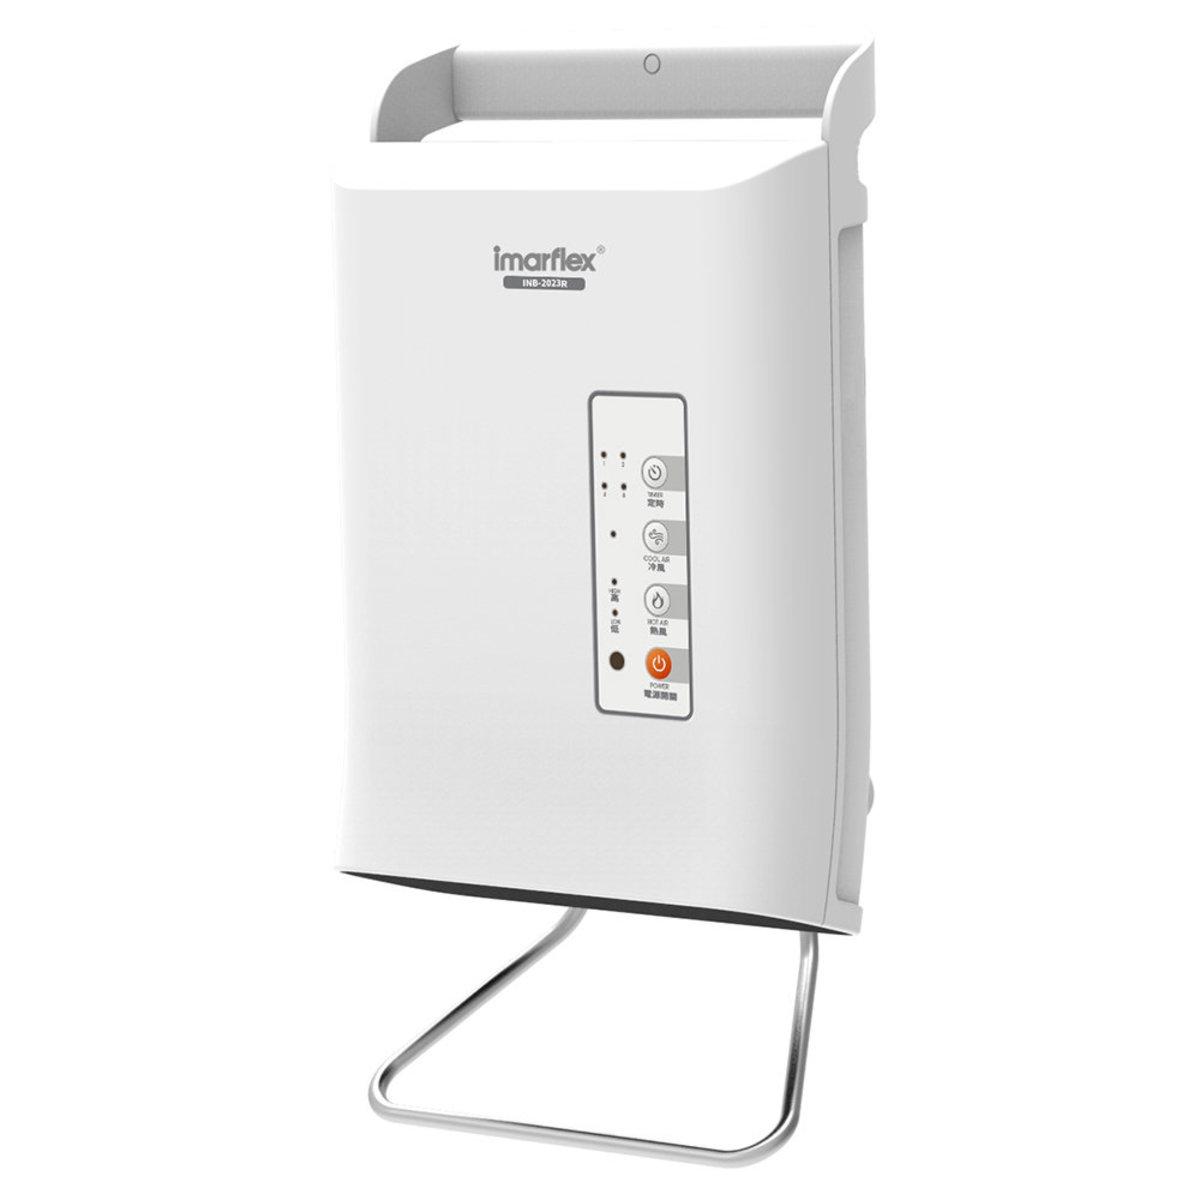 2050W Portable Thermo Ventilator with Remote Control - INB-2023R